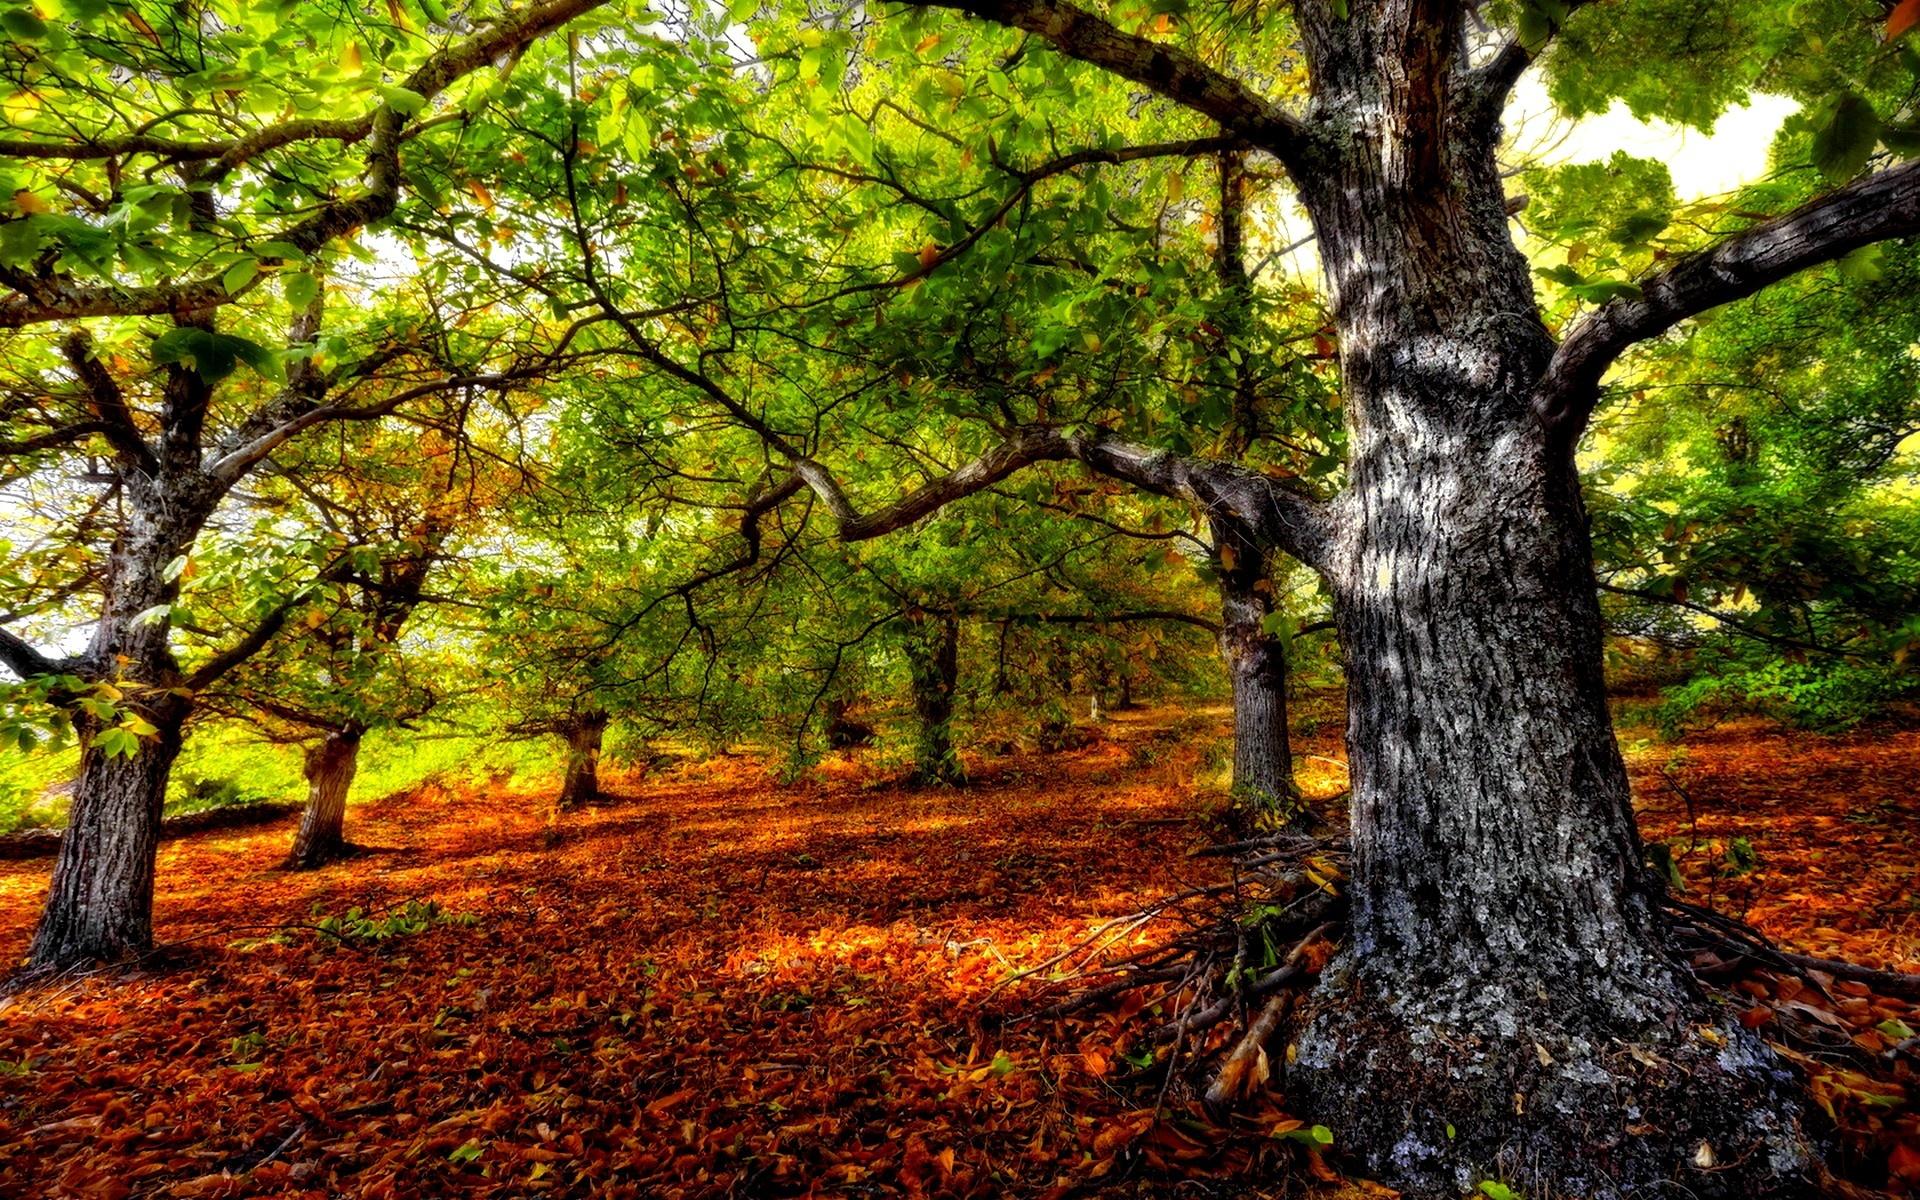 3d Wallpaper Images Free Download Forest Desktop Backgrounds Free Download Pixelstalk Net